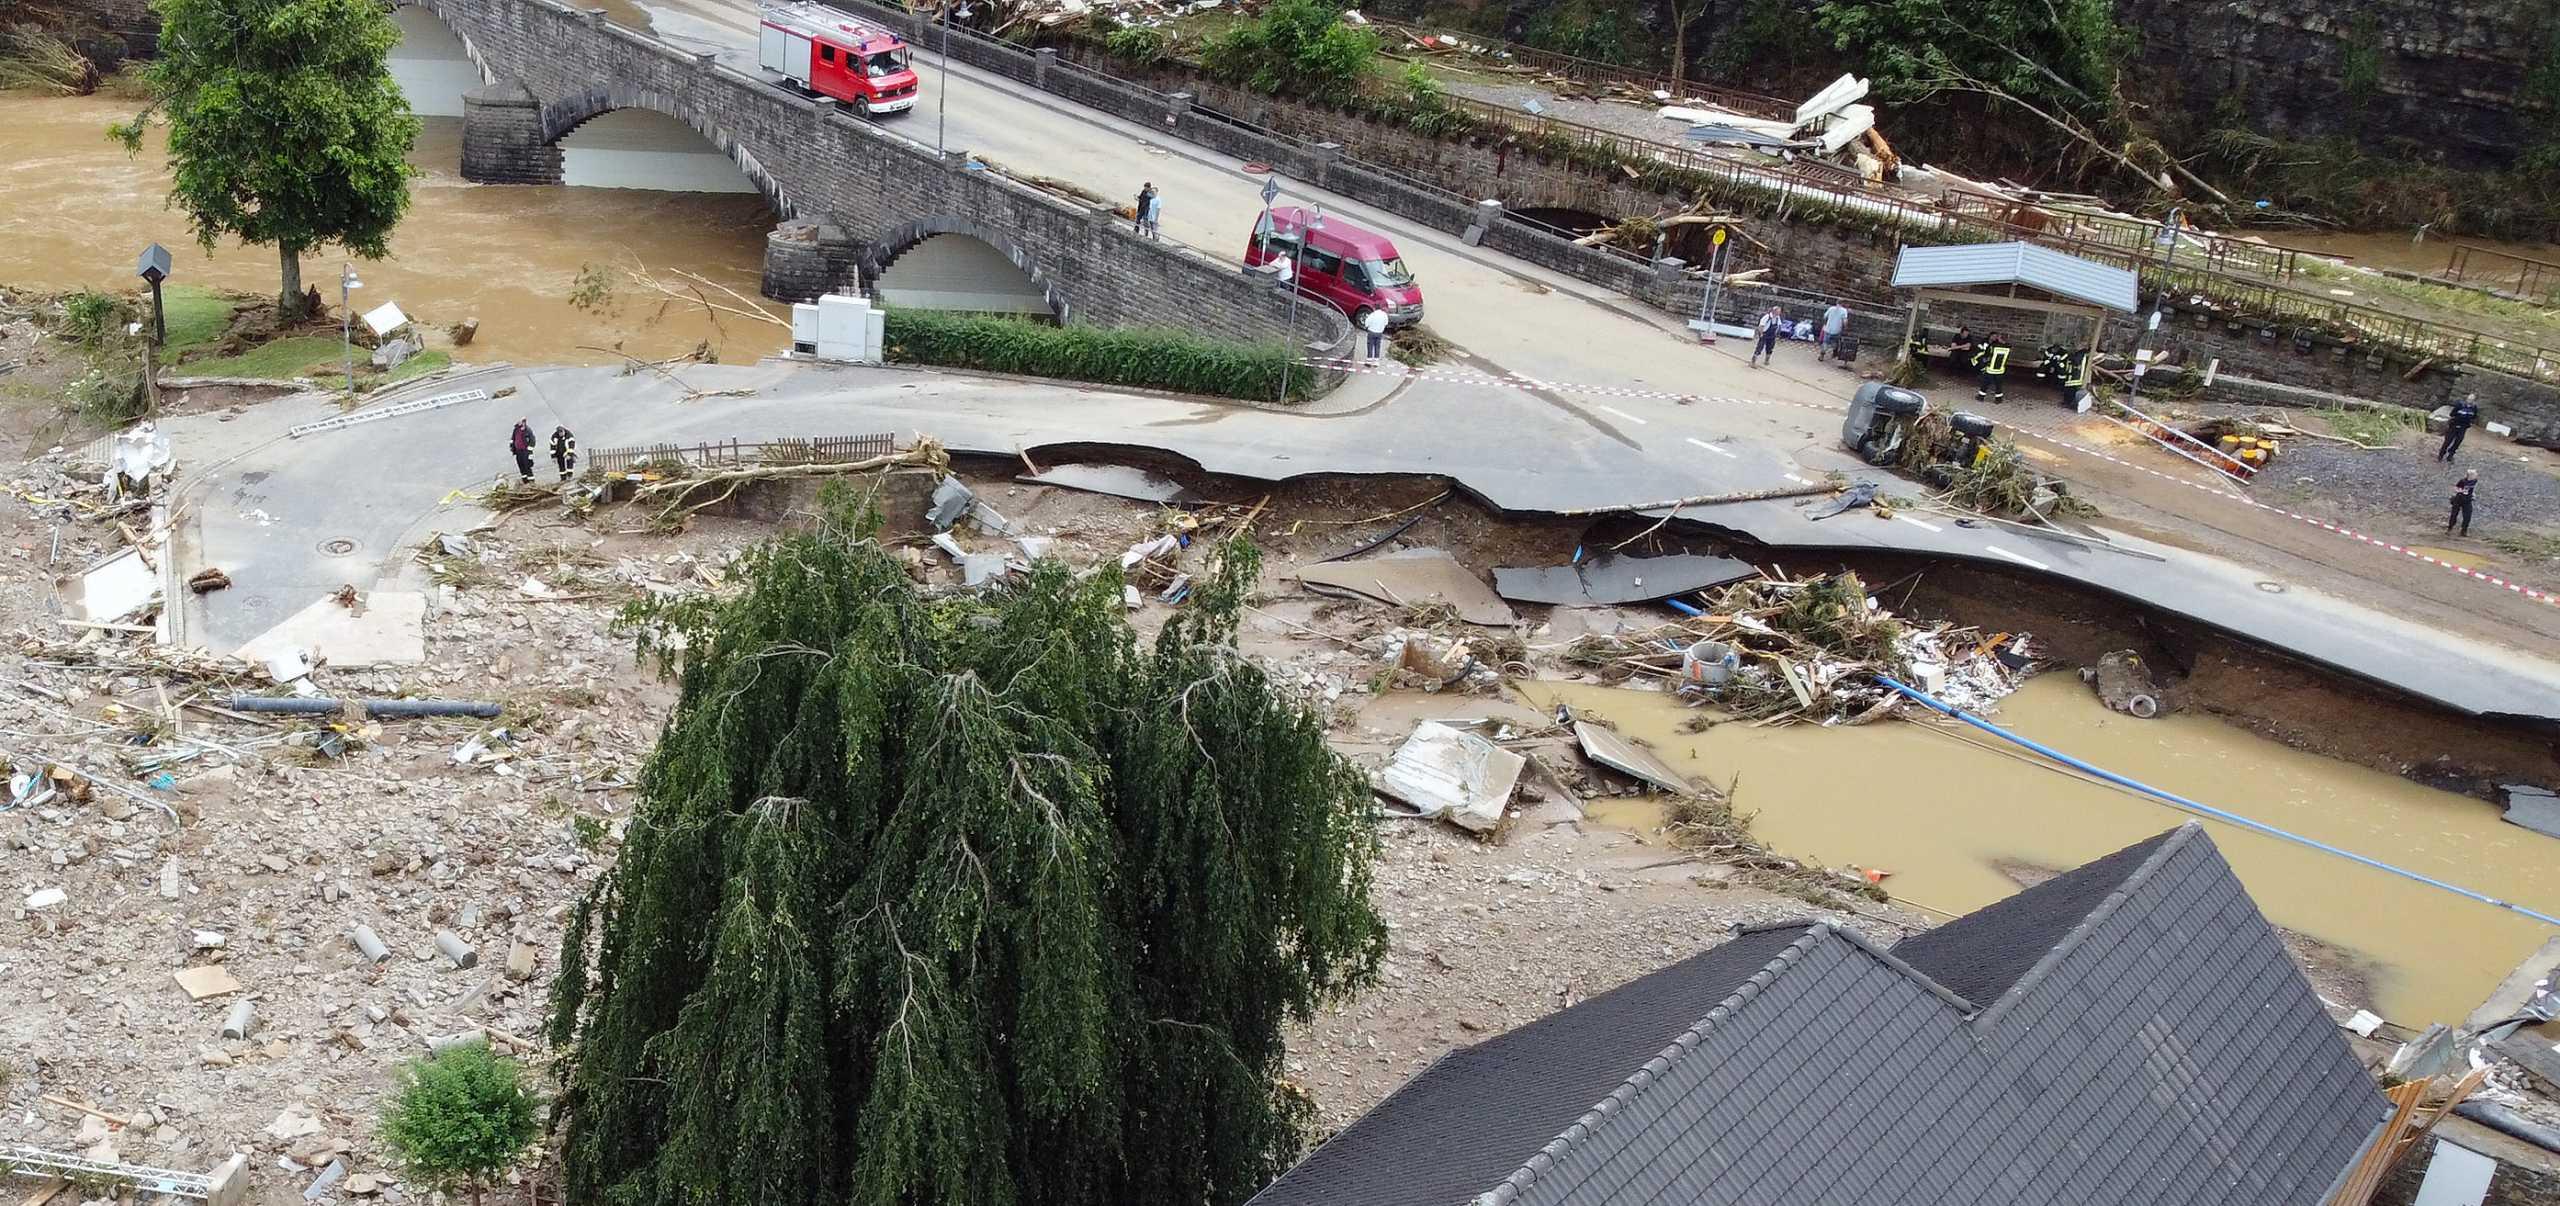 Γερμανία: 42 νεκροί από τις φονικές πλημμύρες – Συγκλονιστικά πλάνα από την καταστροφή